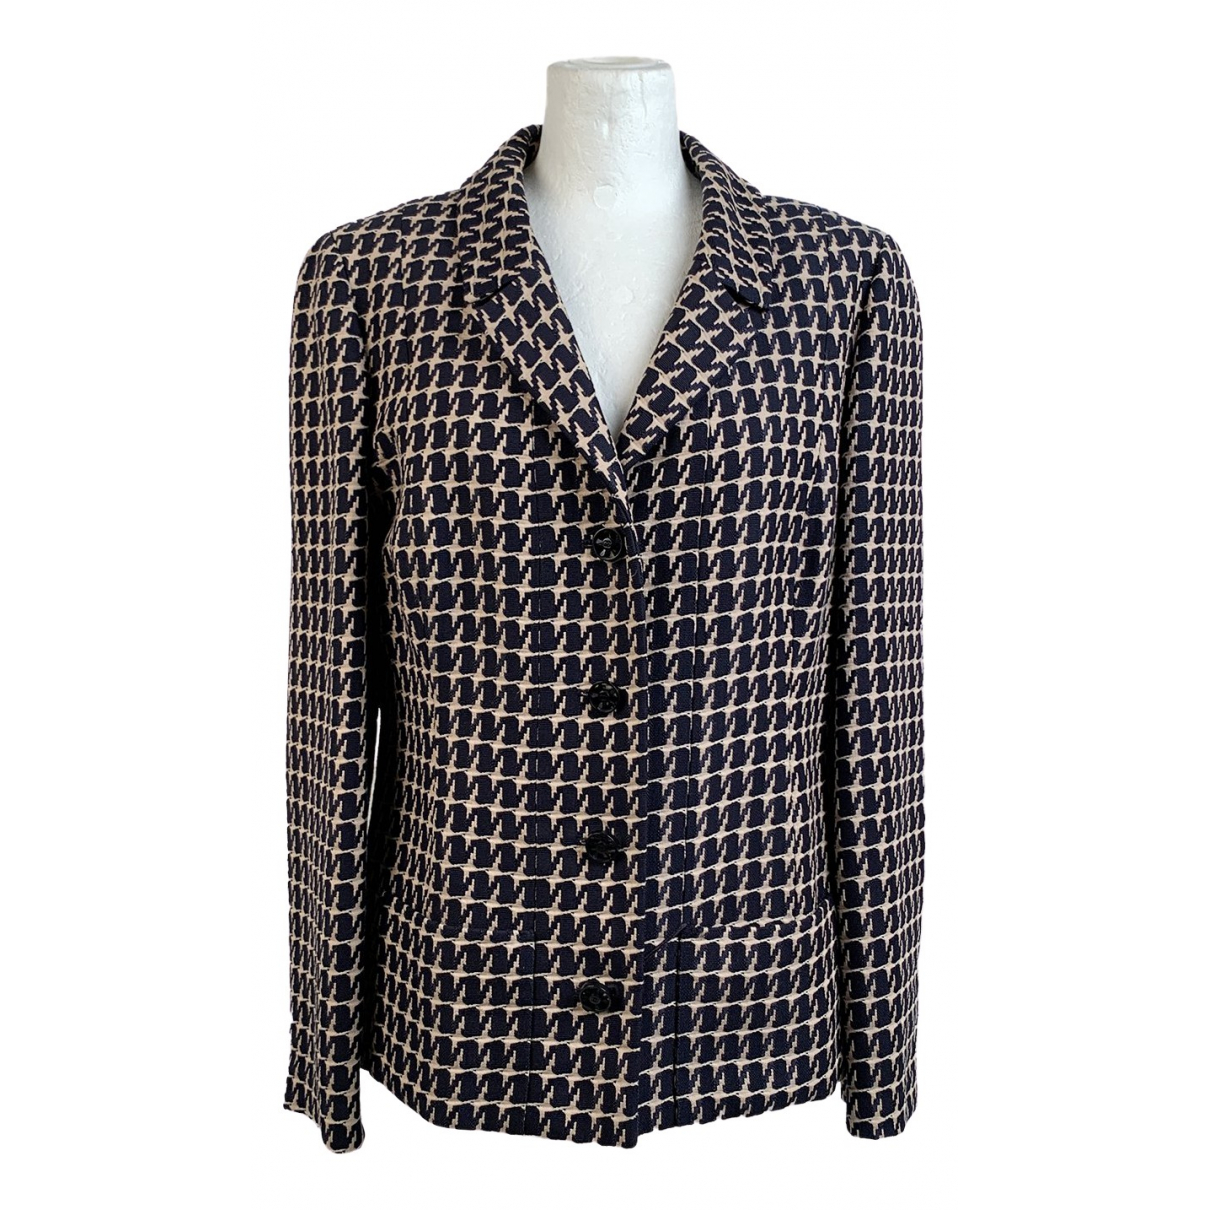 Chanel \N Multicolour Wool jacket for Women M